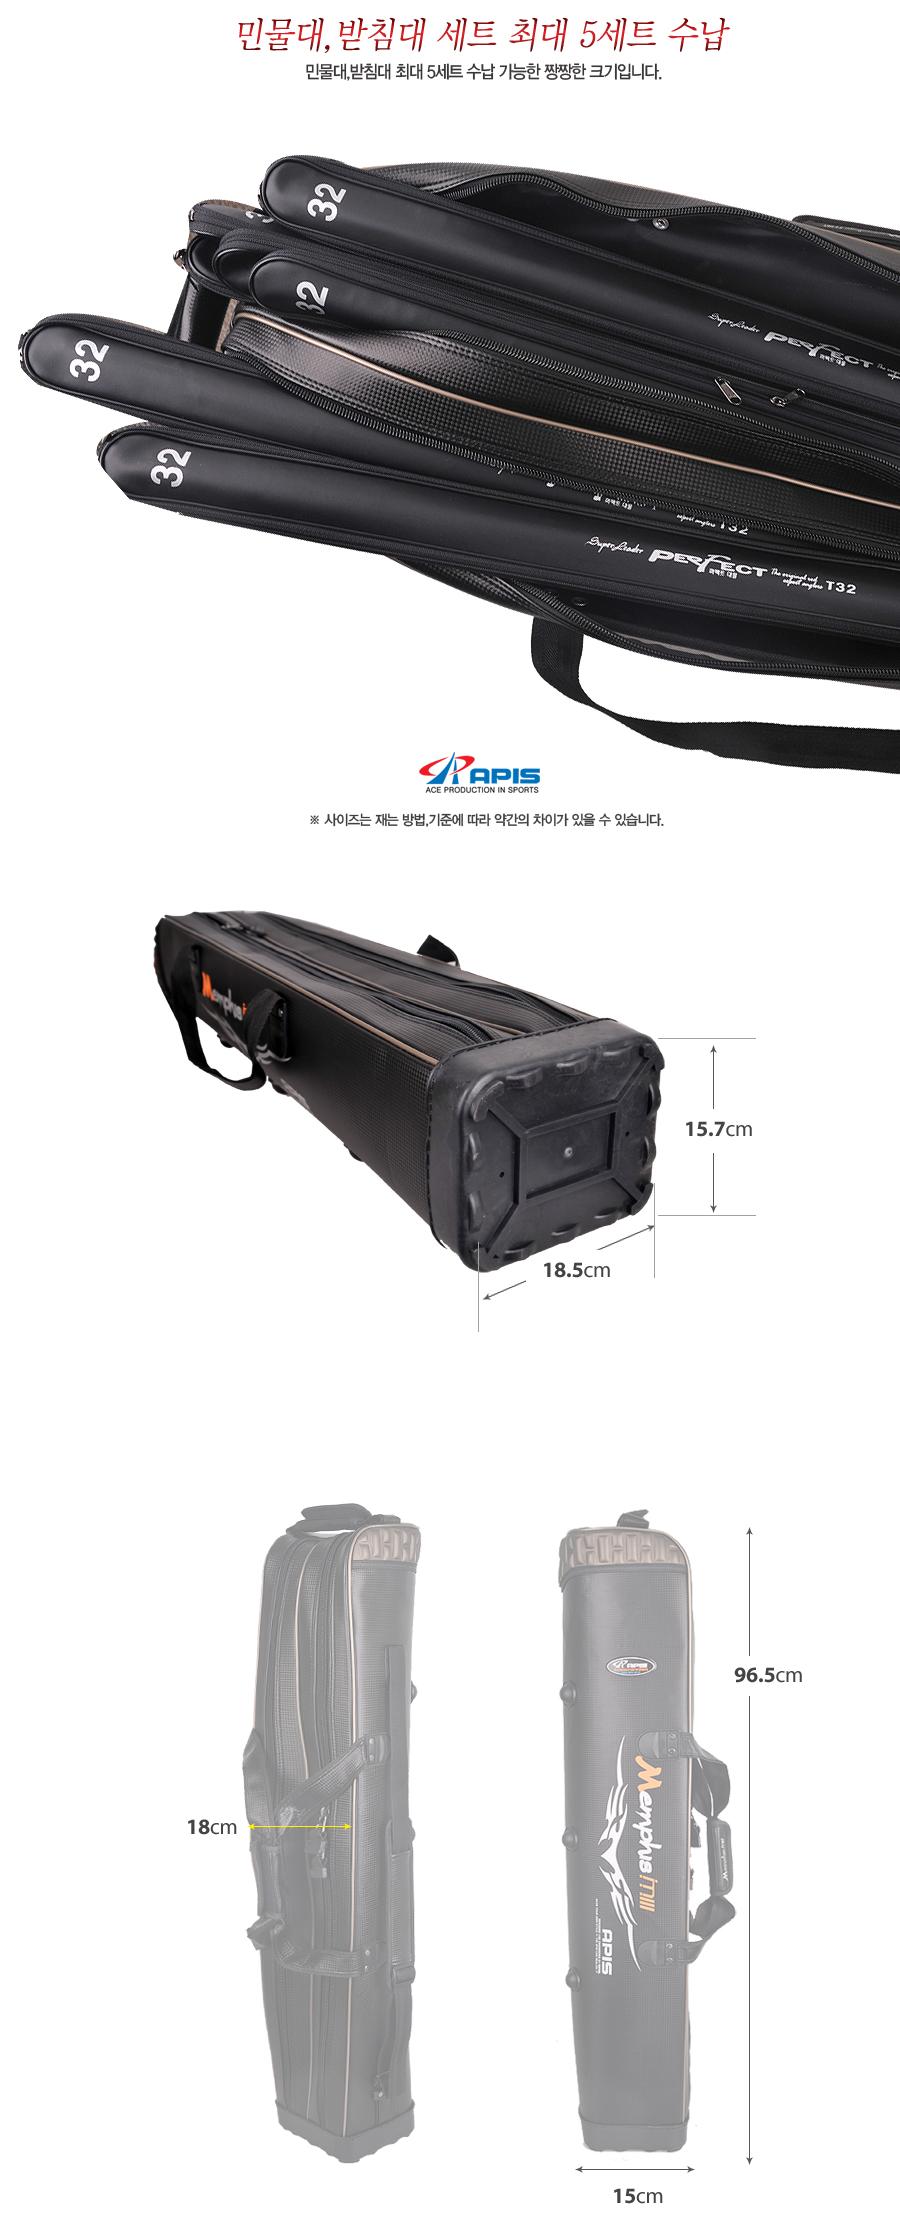 민물가방 민물낚시가방 릴낚시가방 민물릴낚시가방 민물낚시용품 낚시용품 낚시가방 장대가방 아피스로드가방 로드가방 아피스 멤피스 M3 민물가방-APBM-9502